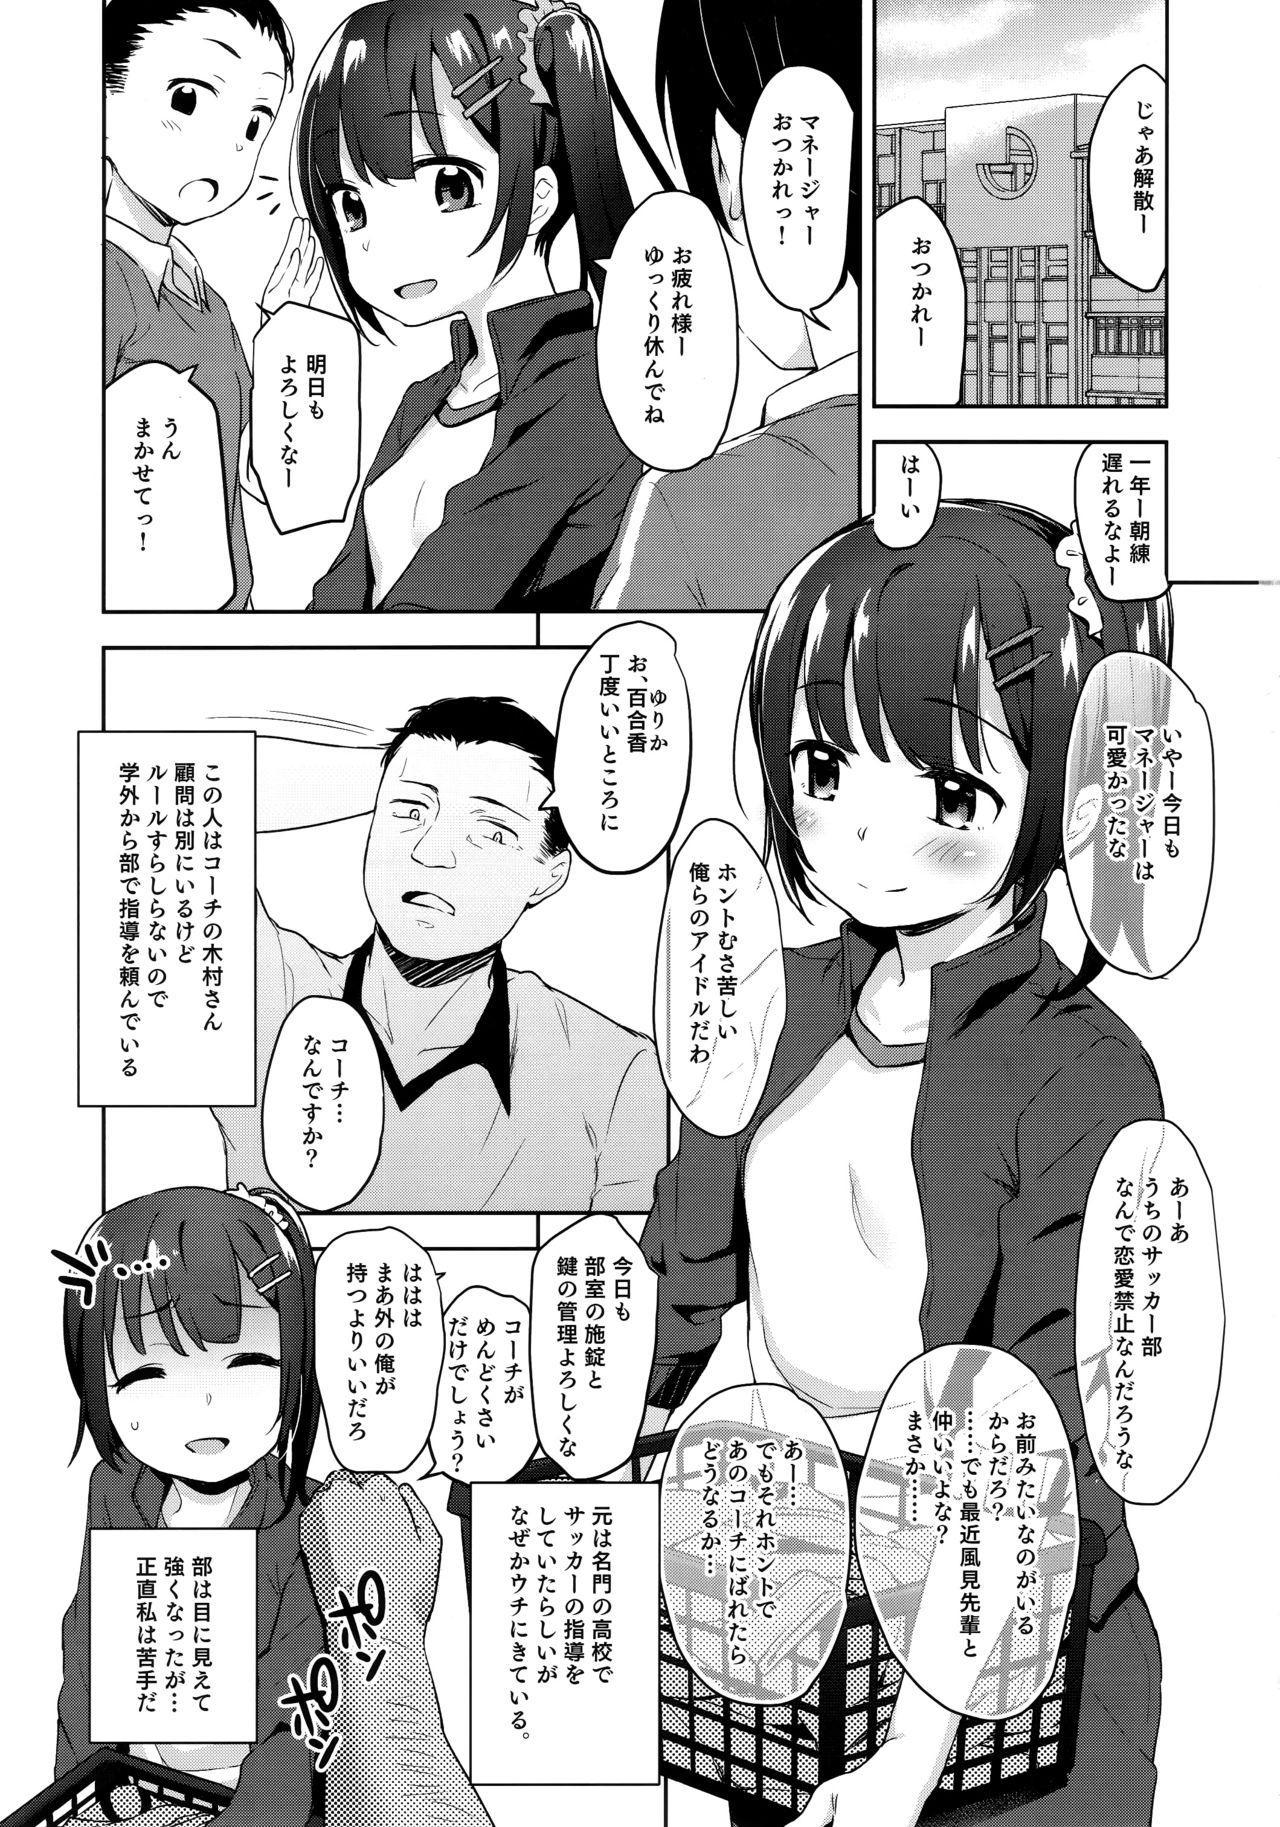 Koisuru shoujo wa Coach ni netorareru ― zenpen 1